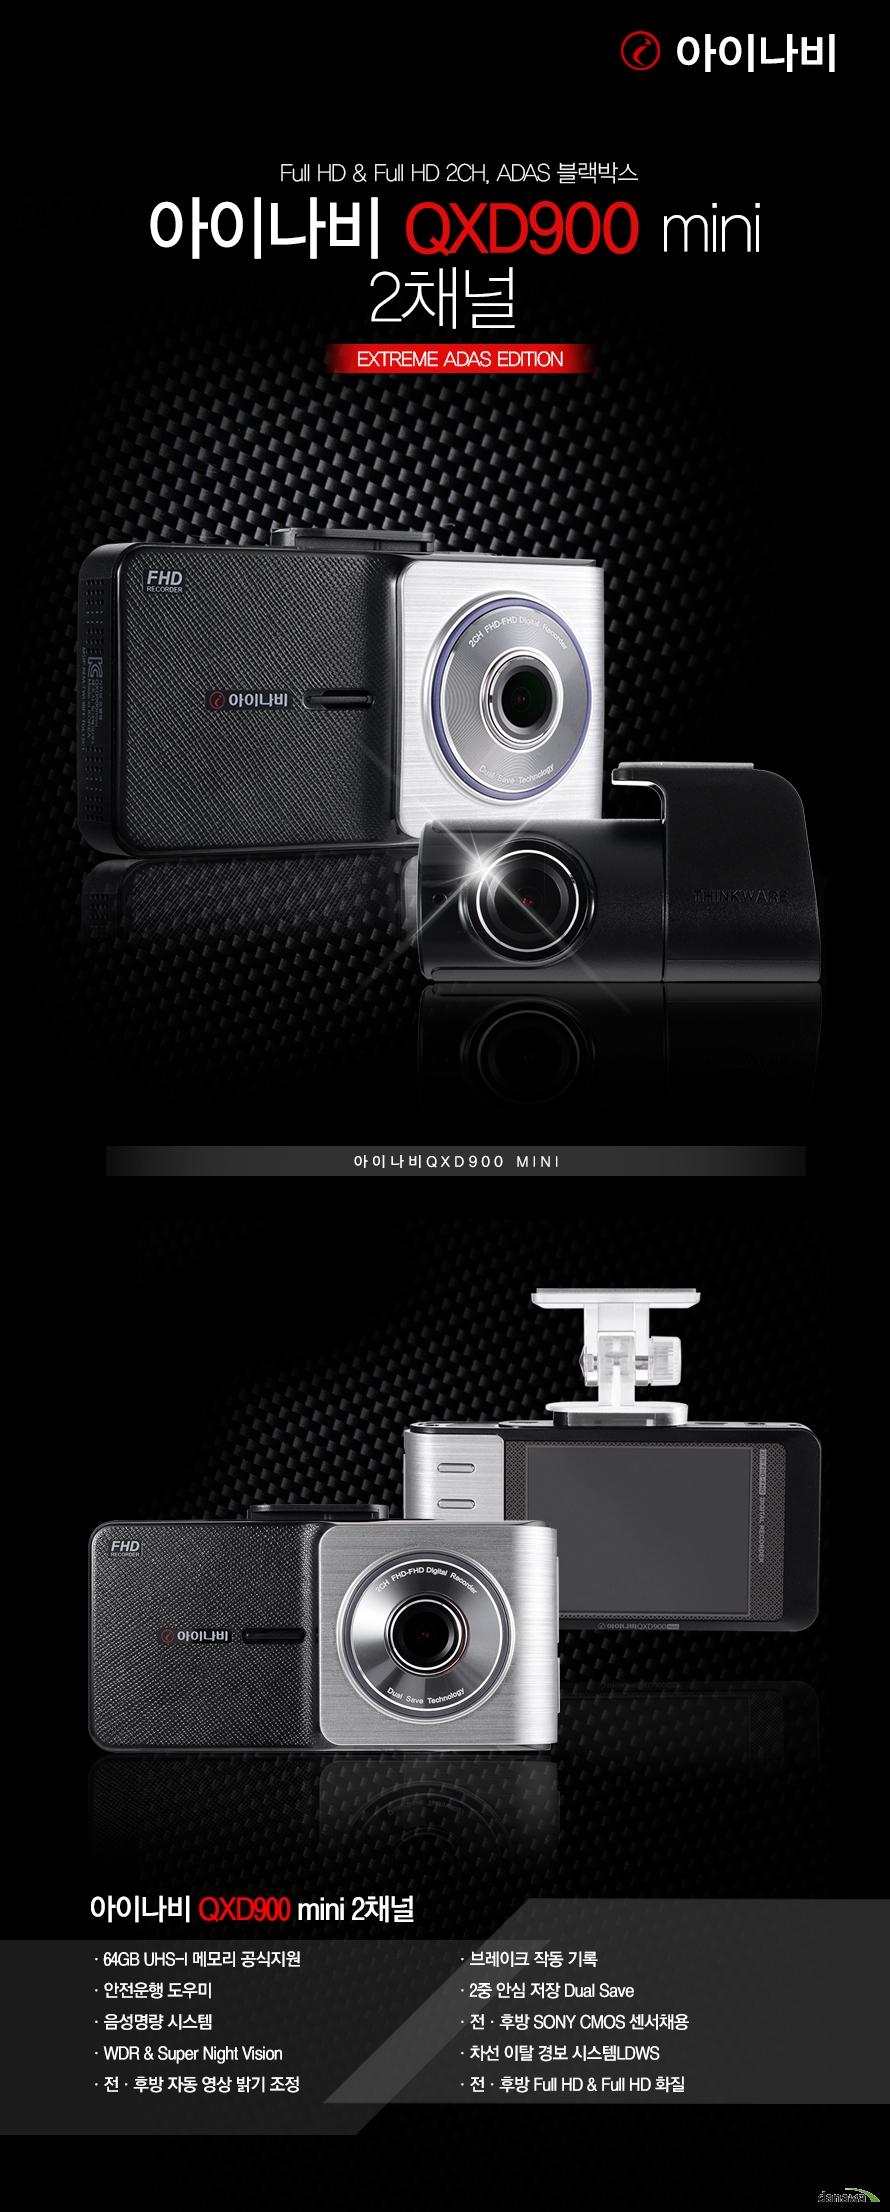 아이나비Full HD Full HD 2ch ADAS 블랙박스아이나비 QXD900 mini2채널extreme adas edition아이나비 QXD900 Mini아이나비 QXD900 mini 2채널64GB UHS I 메모리 공식지원안전운행 도우미음성명량 시스템WDR Super Night Vision전 후방 자동 영상 밝기 조정브레이크 작동 기록2중 안시 저장 Dual save전 후방 Sony cmos 센서채용차선 이탈 경보 시스템 LEWS전 후방 Full HD Full HD화질